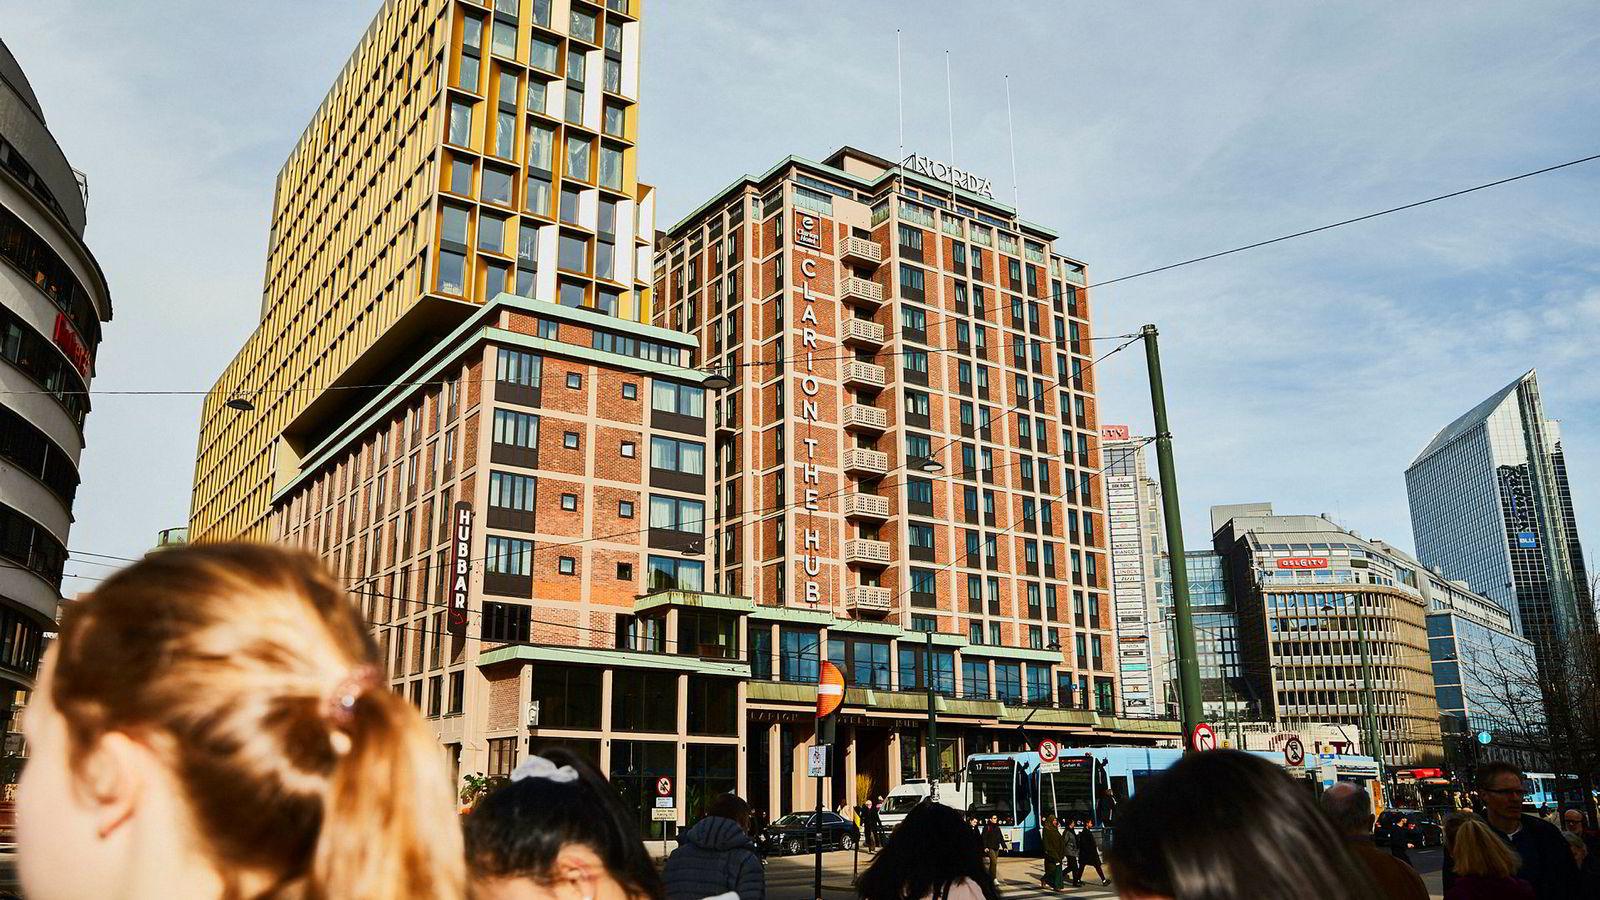 Frykten for krevende tider for hotellbransjen i Oslo etter åpningen av mange nye hoteller, ser ut til å være ubegrunnet. Her ser vi Stordalen hotellet Clarion Hotel The Hub ved Oslo S.